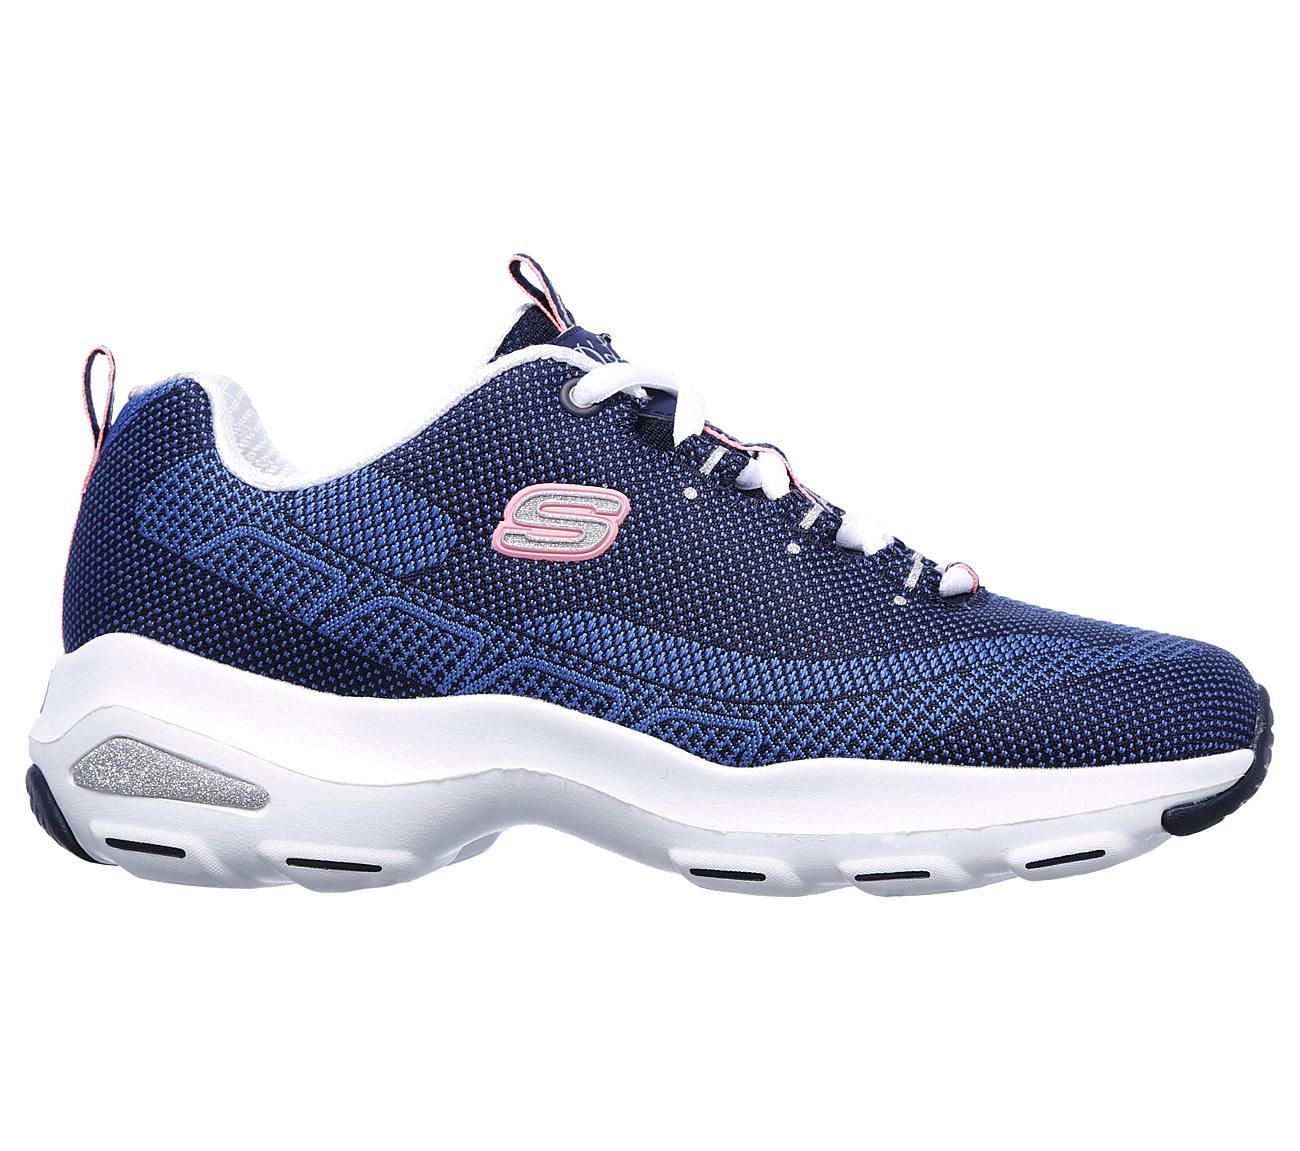 e80f991d82d Buy SKECHERS D'Lites Ultra D'Lites Shoes only $80.00